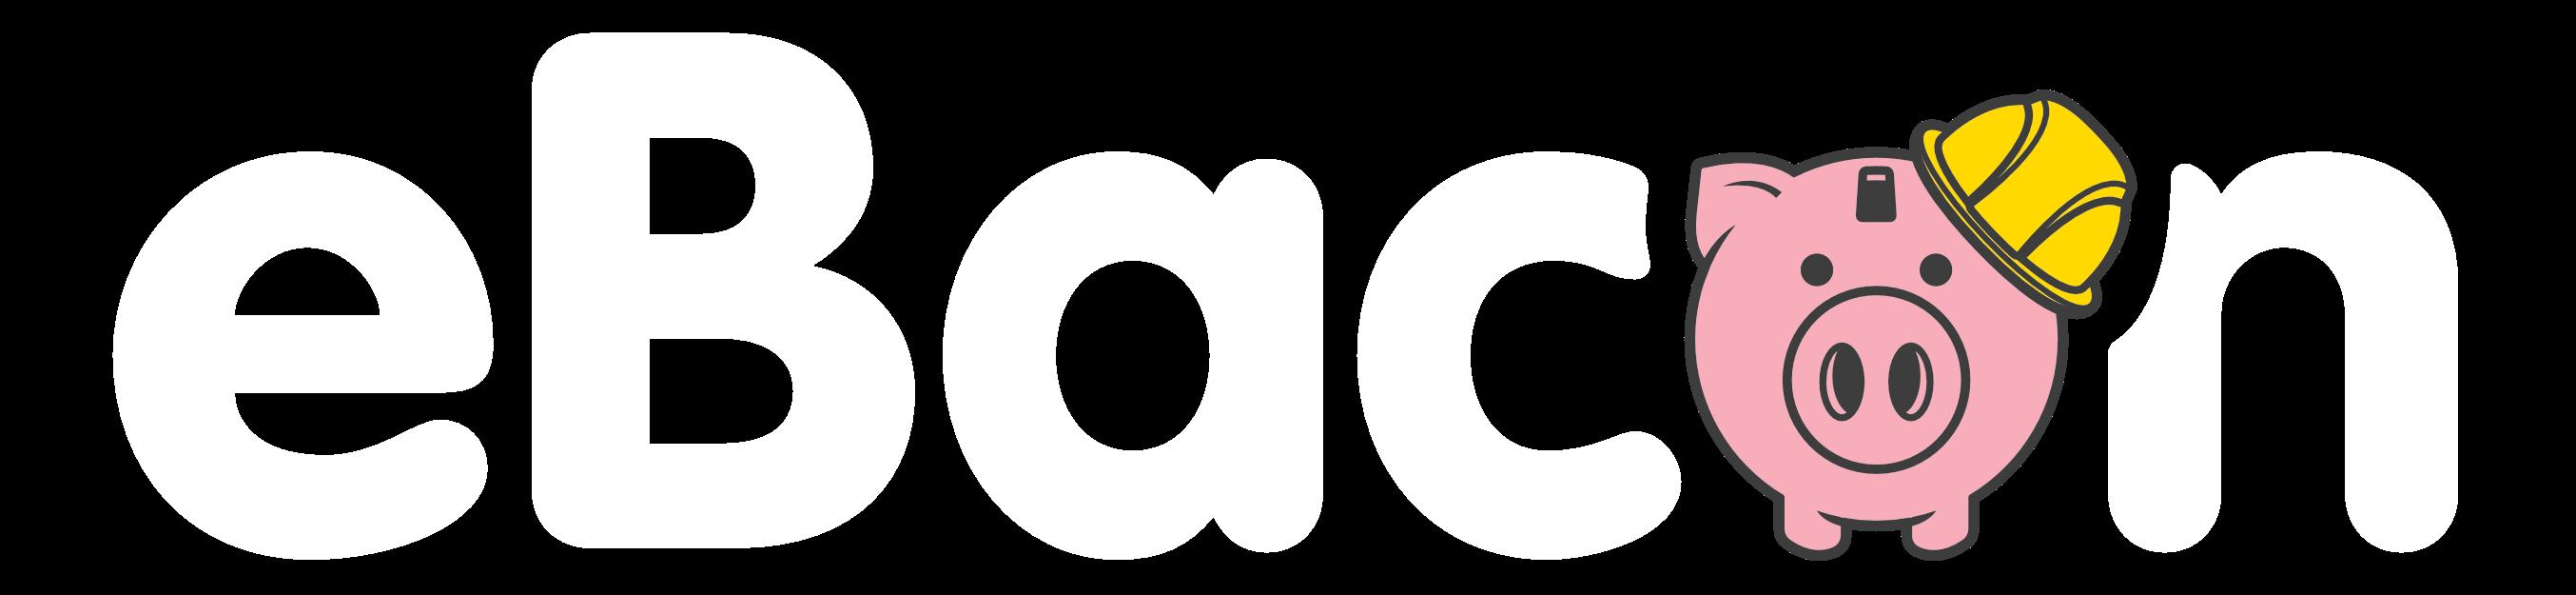 eBacon